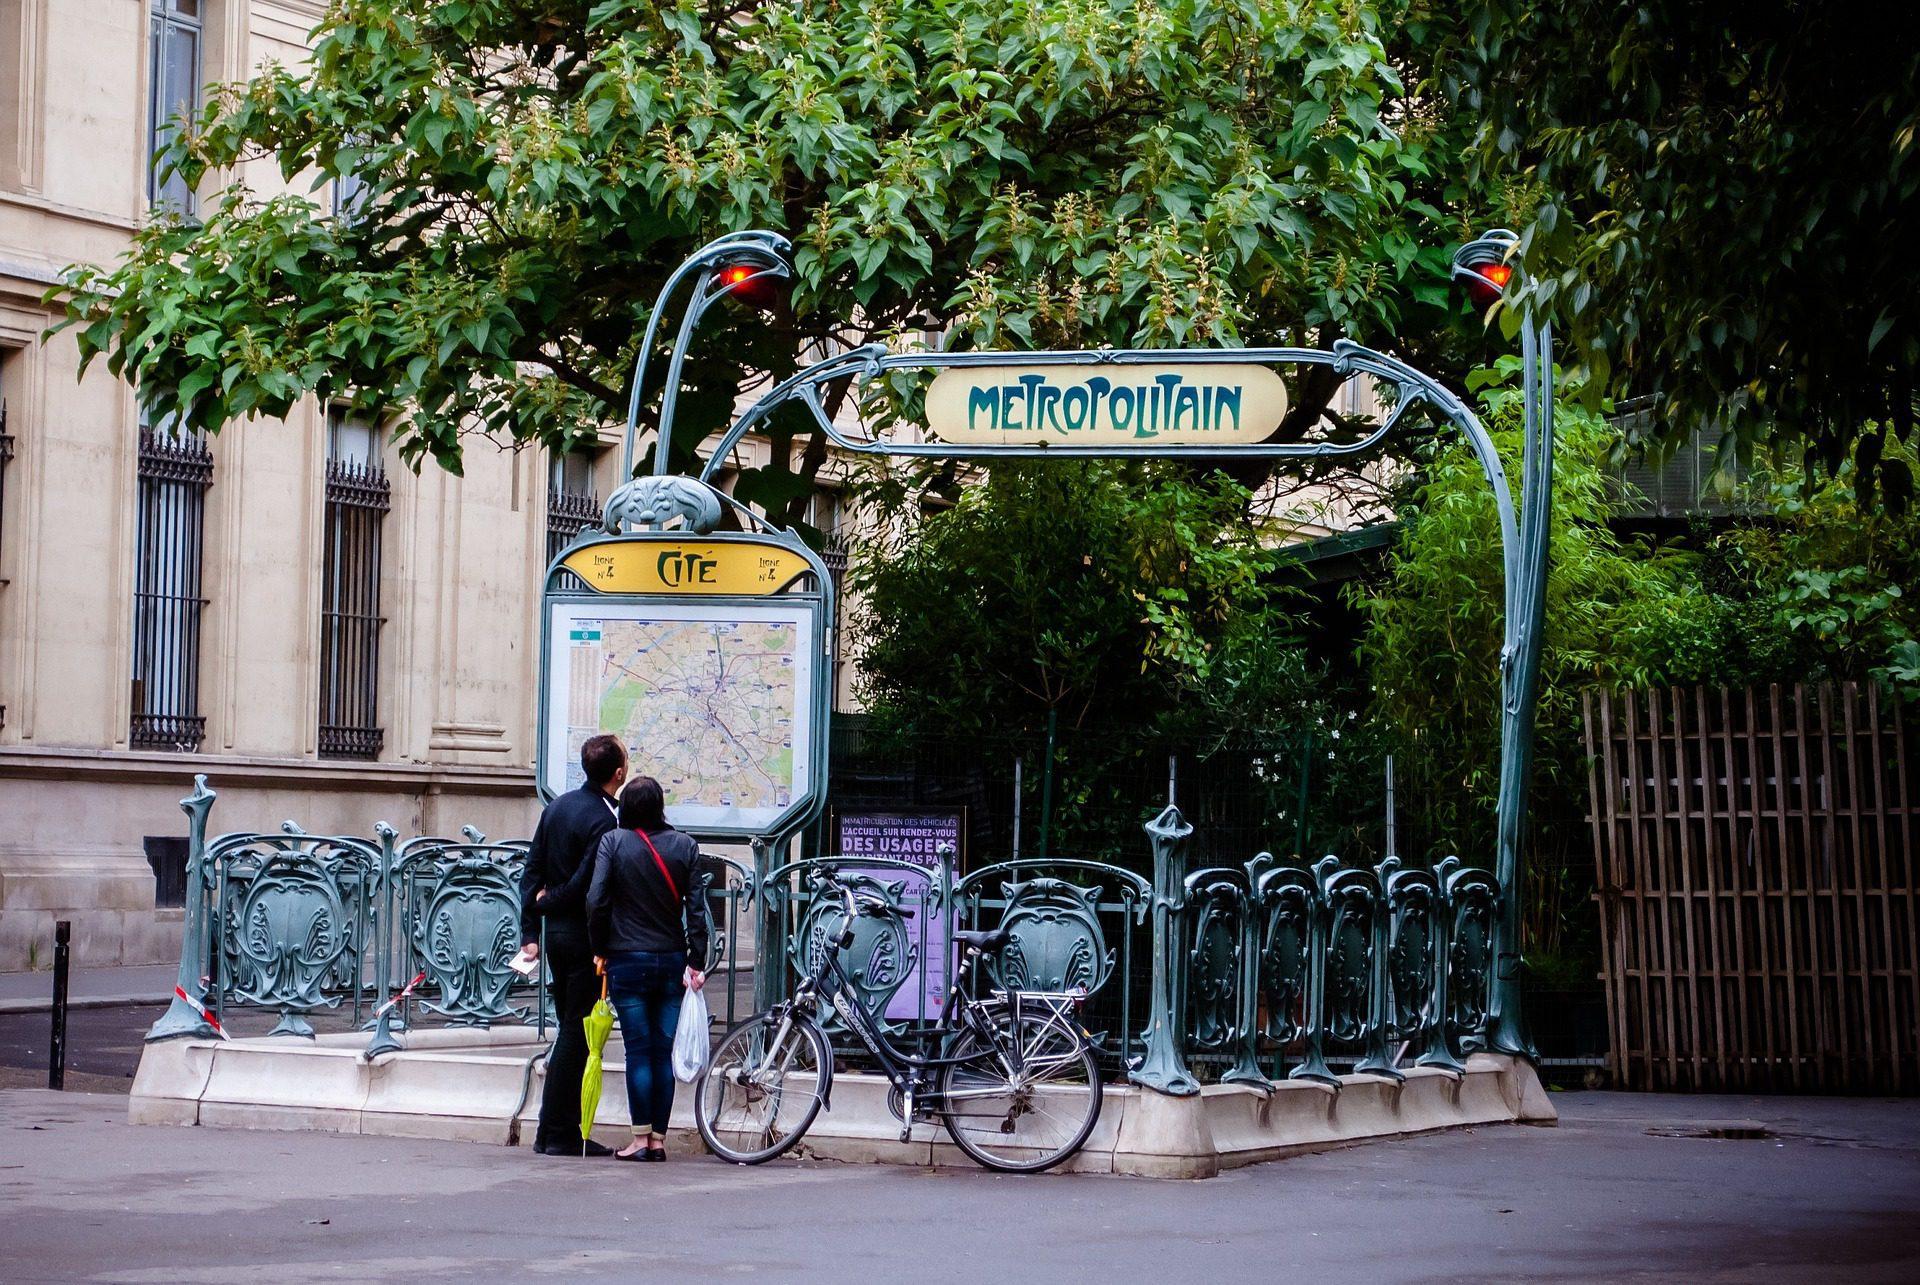 O metrô é o meio de transporte mais eficiente de Paris